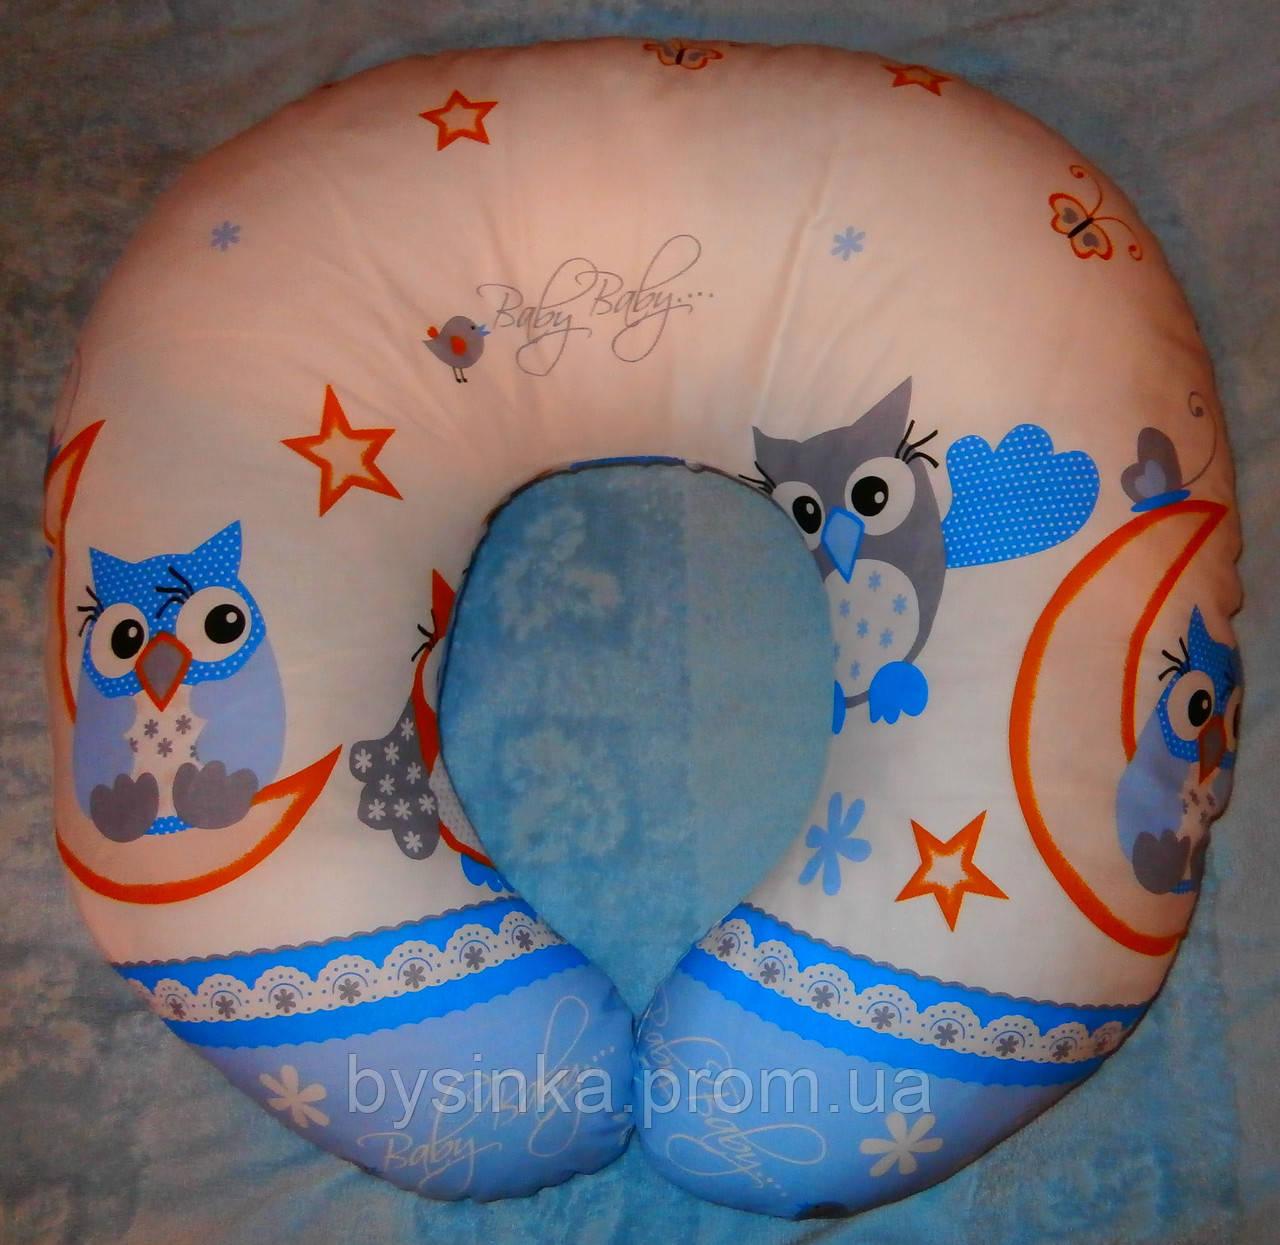 Подушка для беременных и кормления ребенка со съемной наволочкой